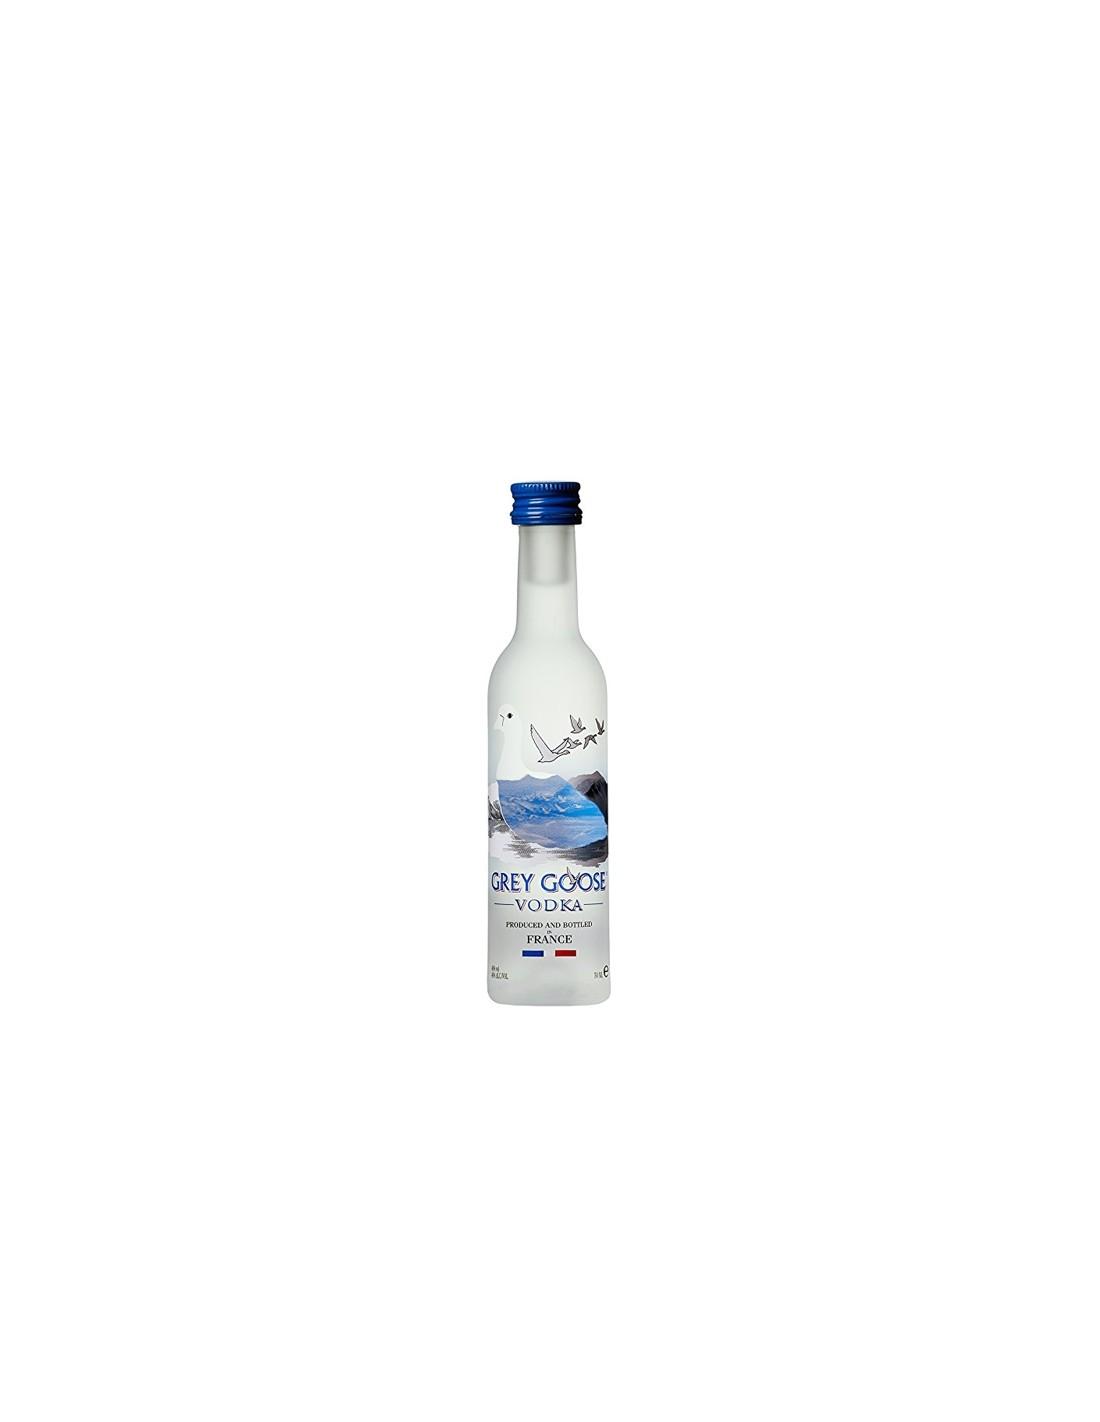 Vodca Grey Goose 0.05L, 40% alc., Franta